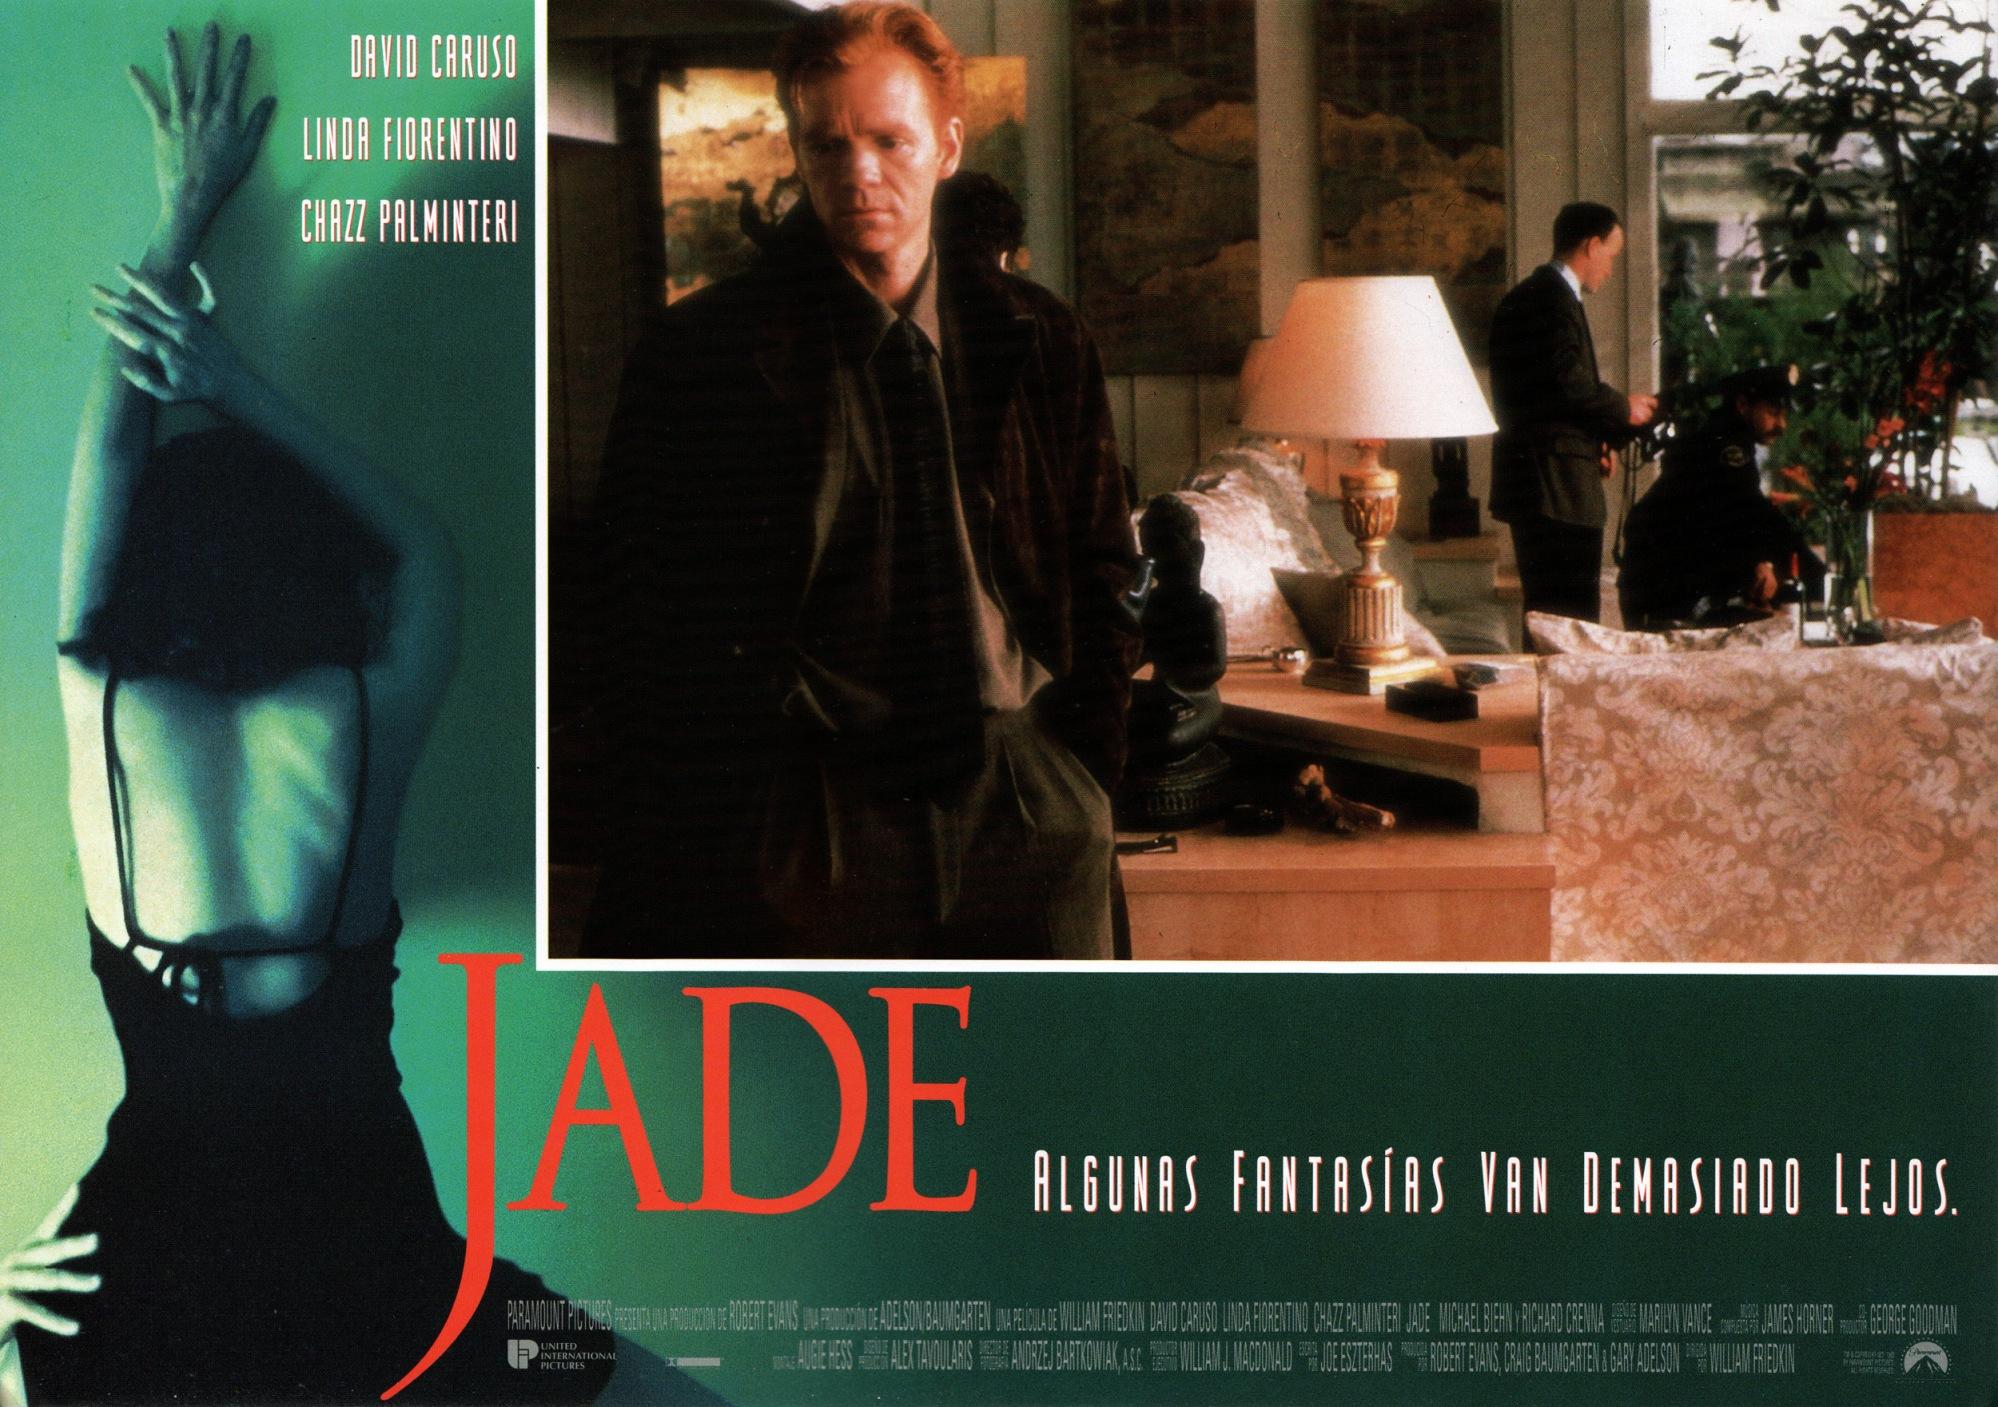 jade-spain-07